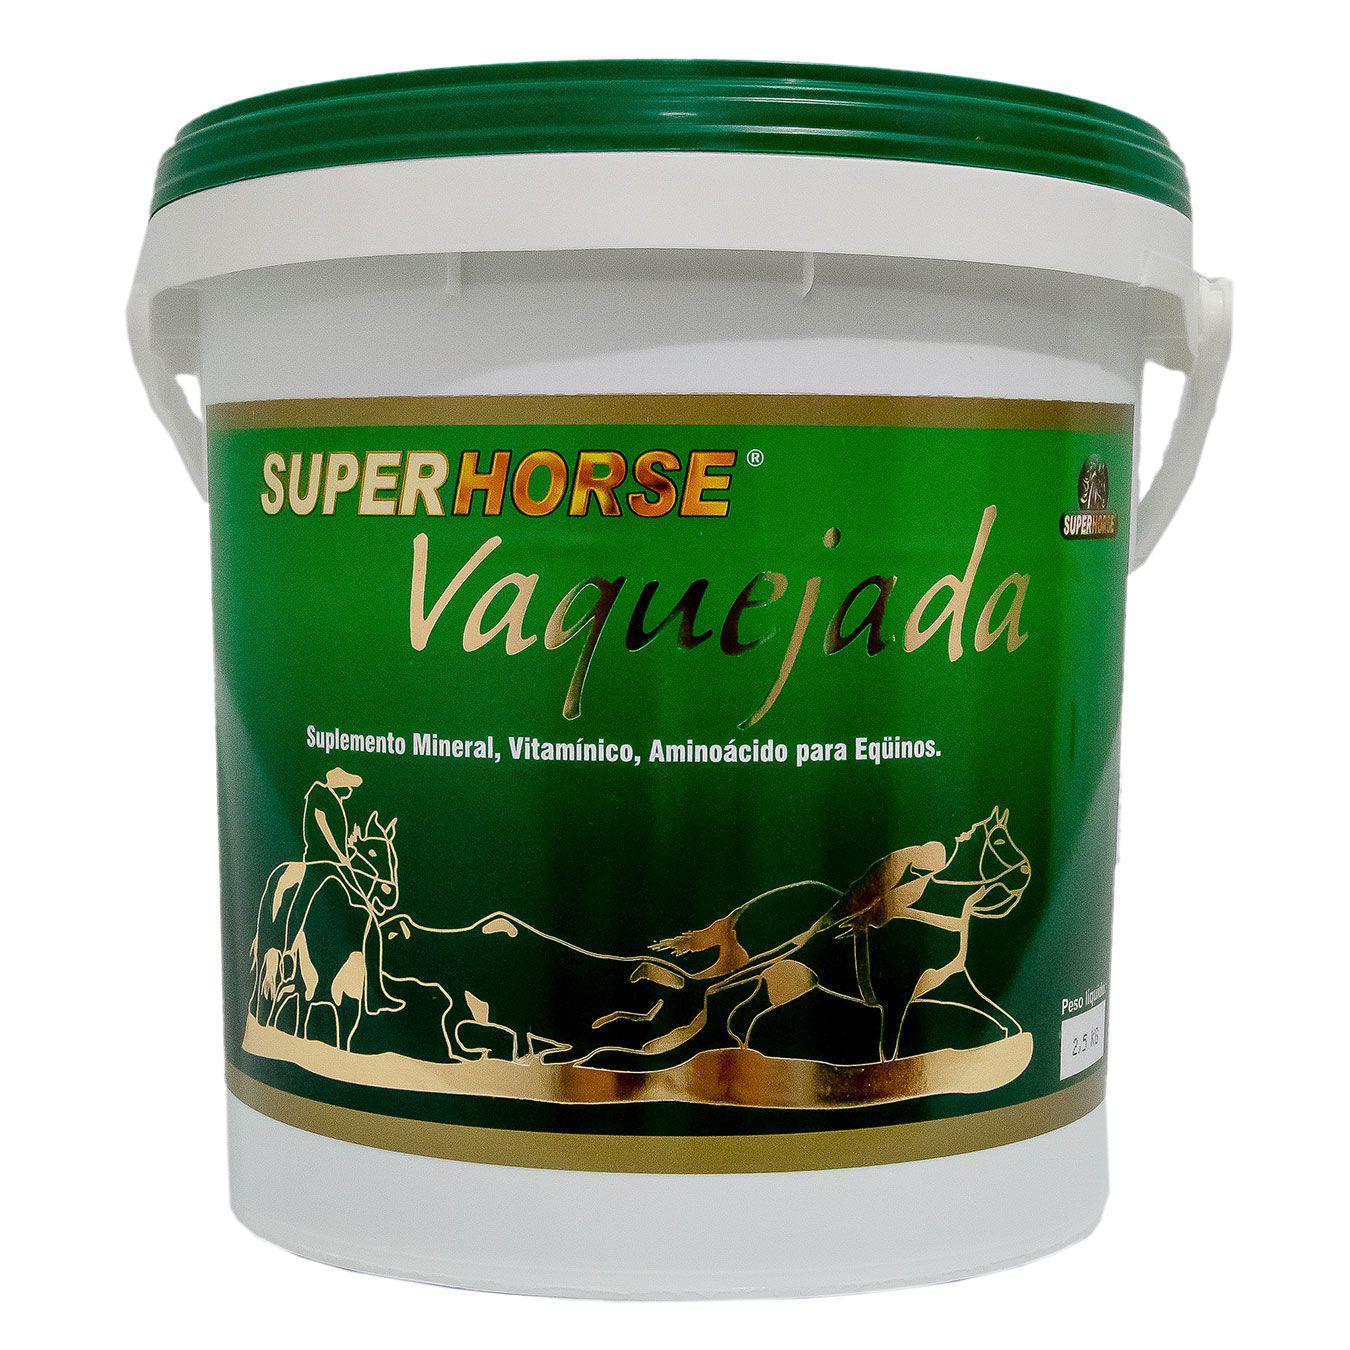 Super Horse Vaquejada, 5 kg rende em até 200 dias.